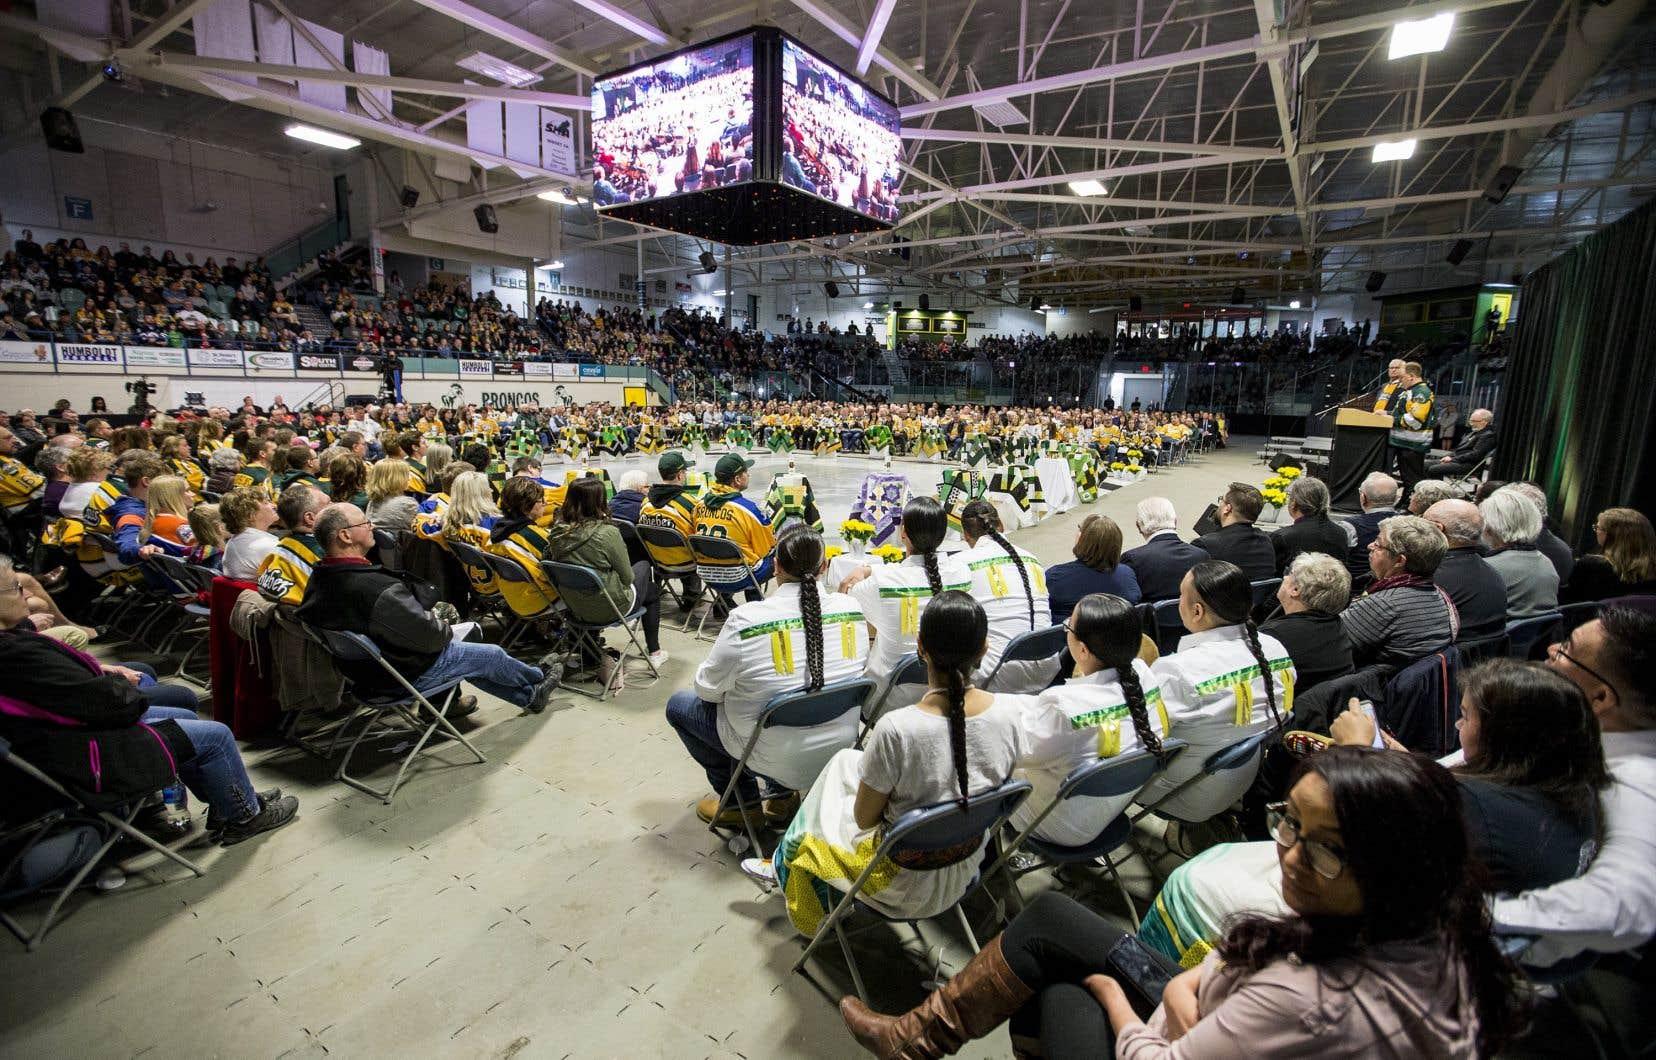 La messe s'est déroulée à l'aréna de Humboldt, où un moment de silence était prévu à 16h50, l'heure exacte de l'accident.